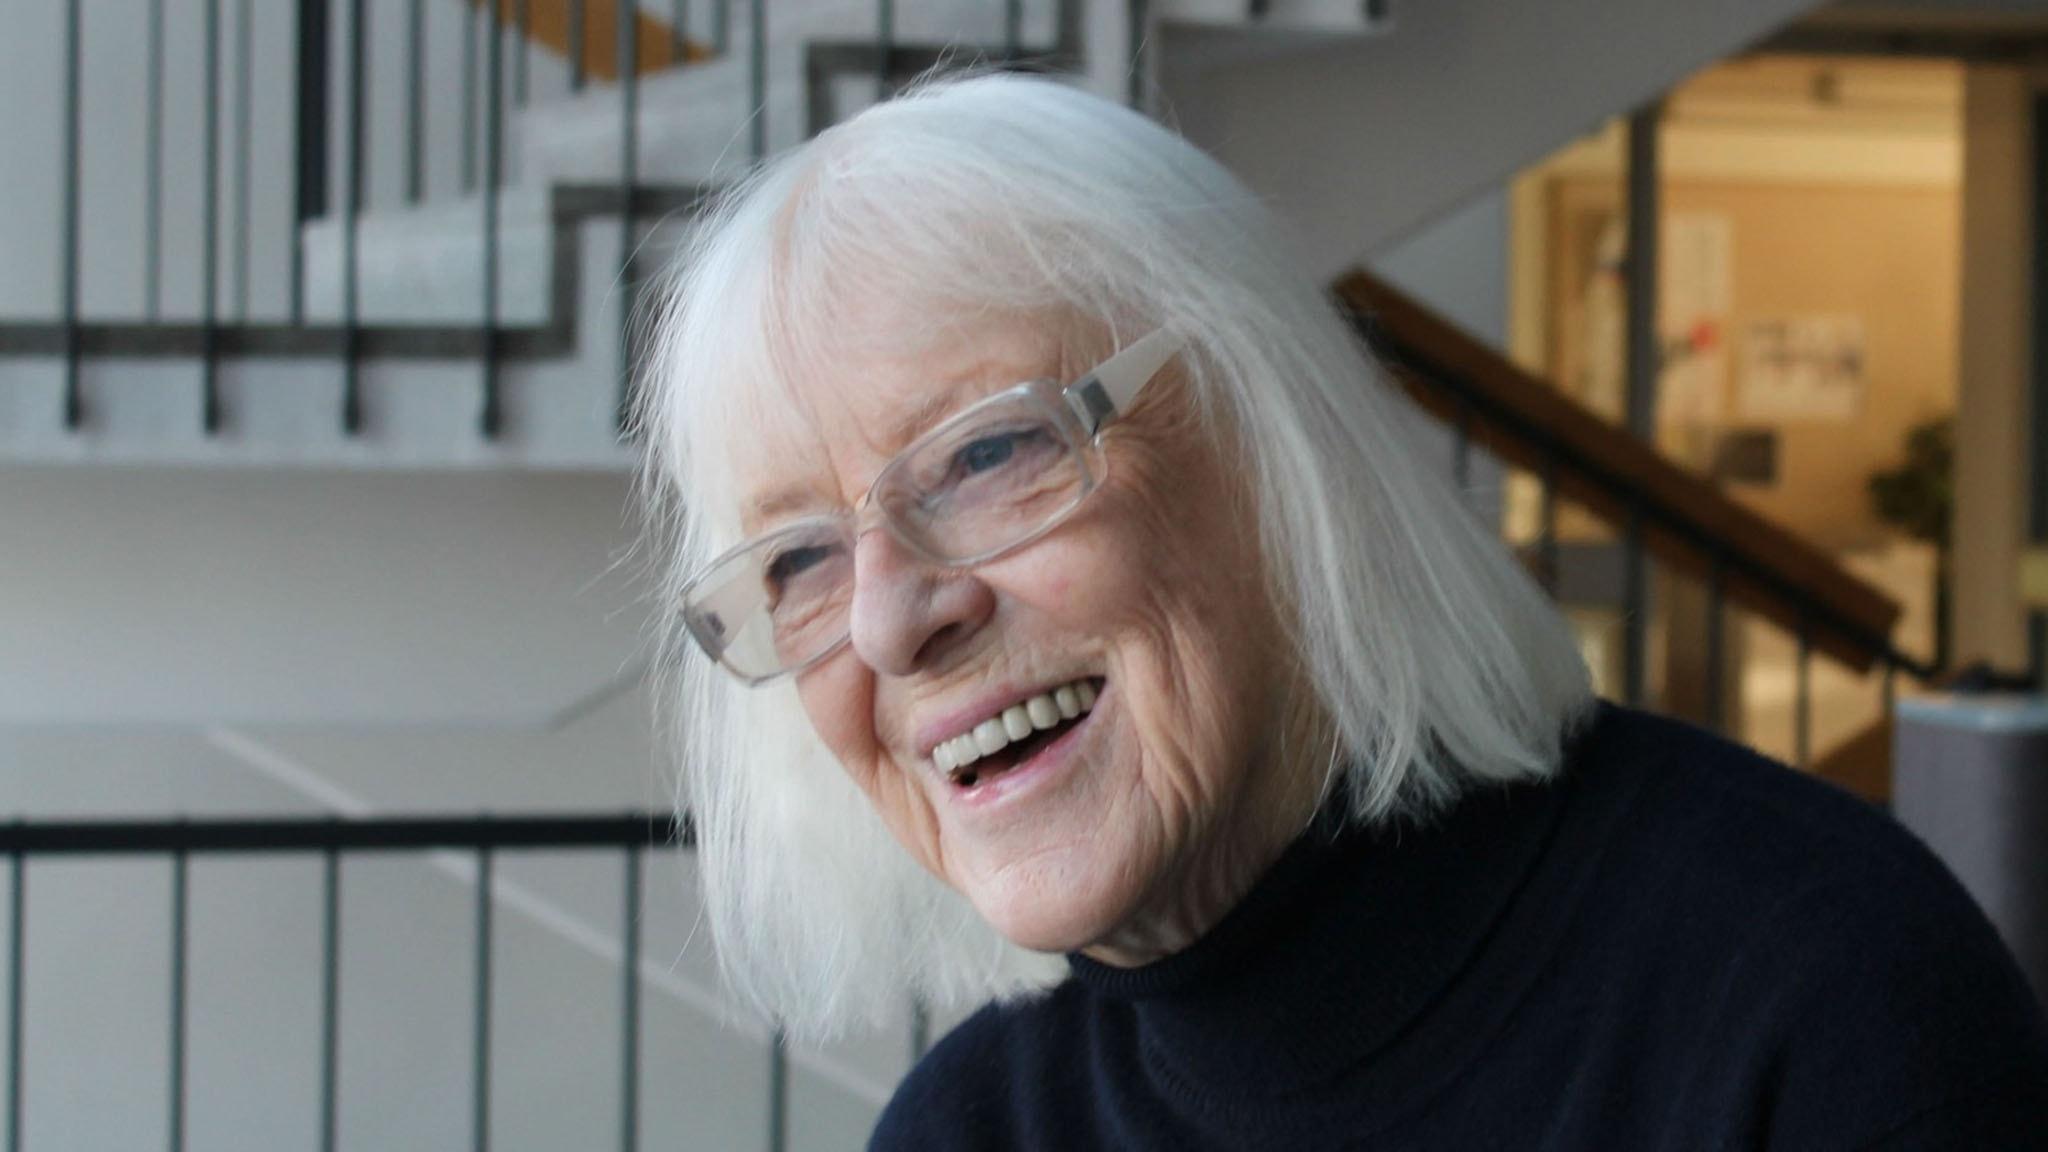 Del 1. Birgitta Ulfsson läser Kalevala. Sänt i FM 27 november 2017.